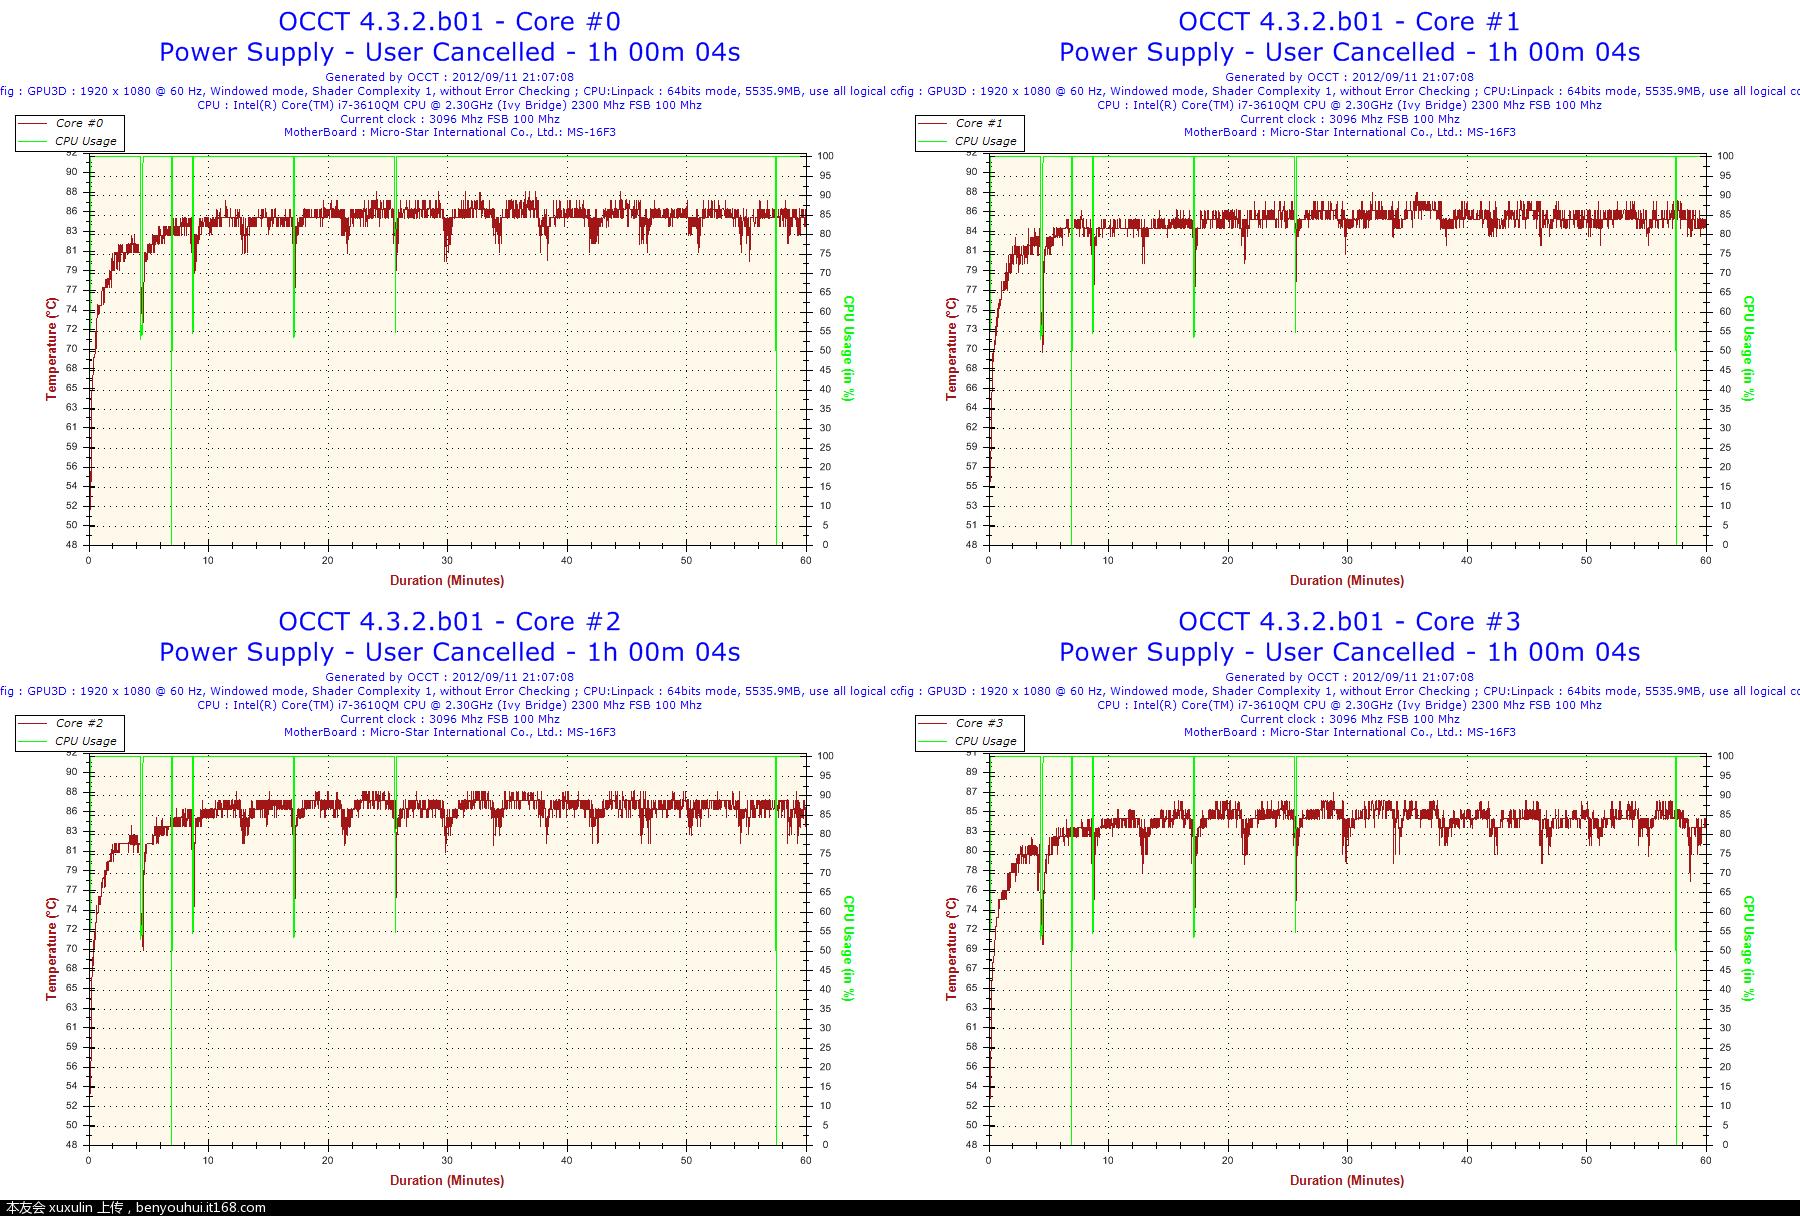 2012-09-11-21h07-Temperature-Core #3a.png